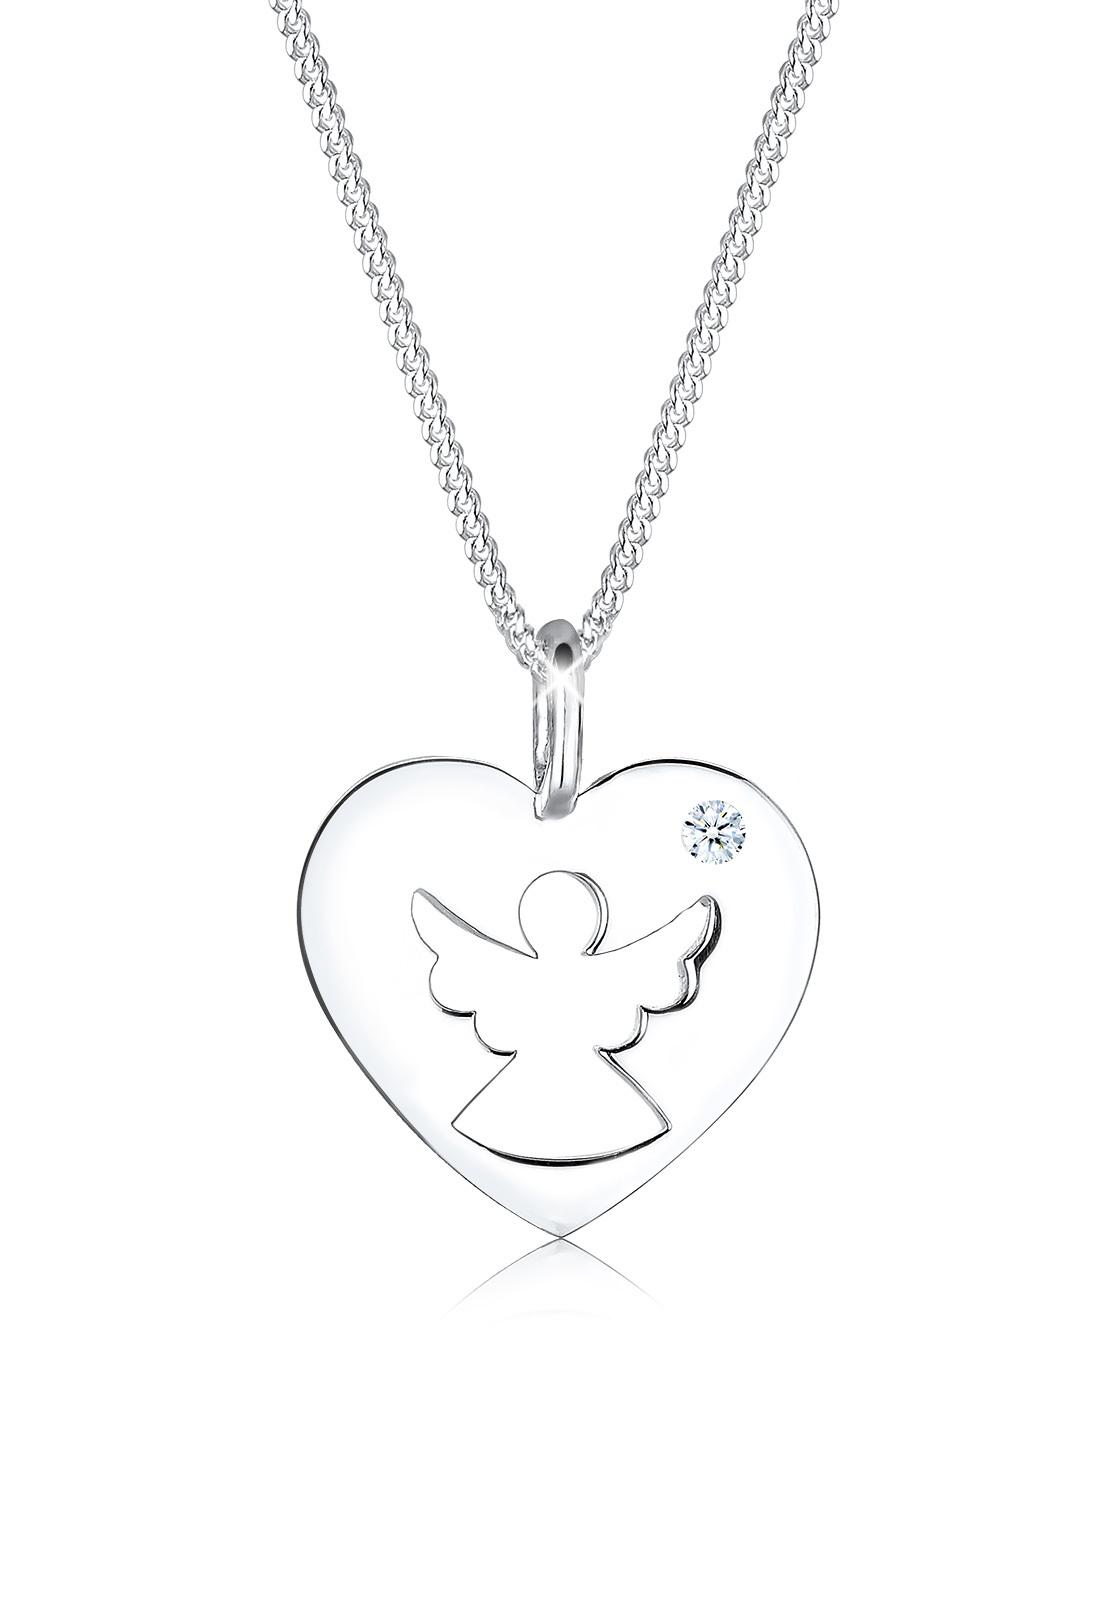 Halskette Engel   Diamant ( Weiß, 0,03 ct )   925er Sterling Silber